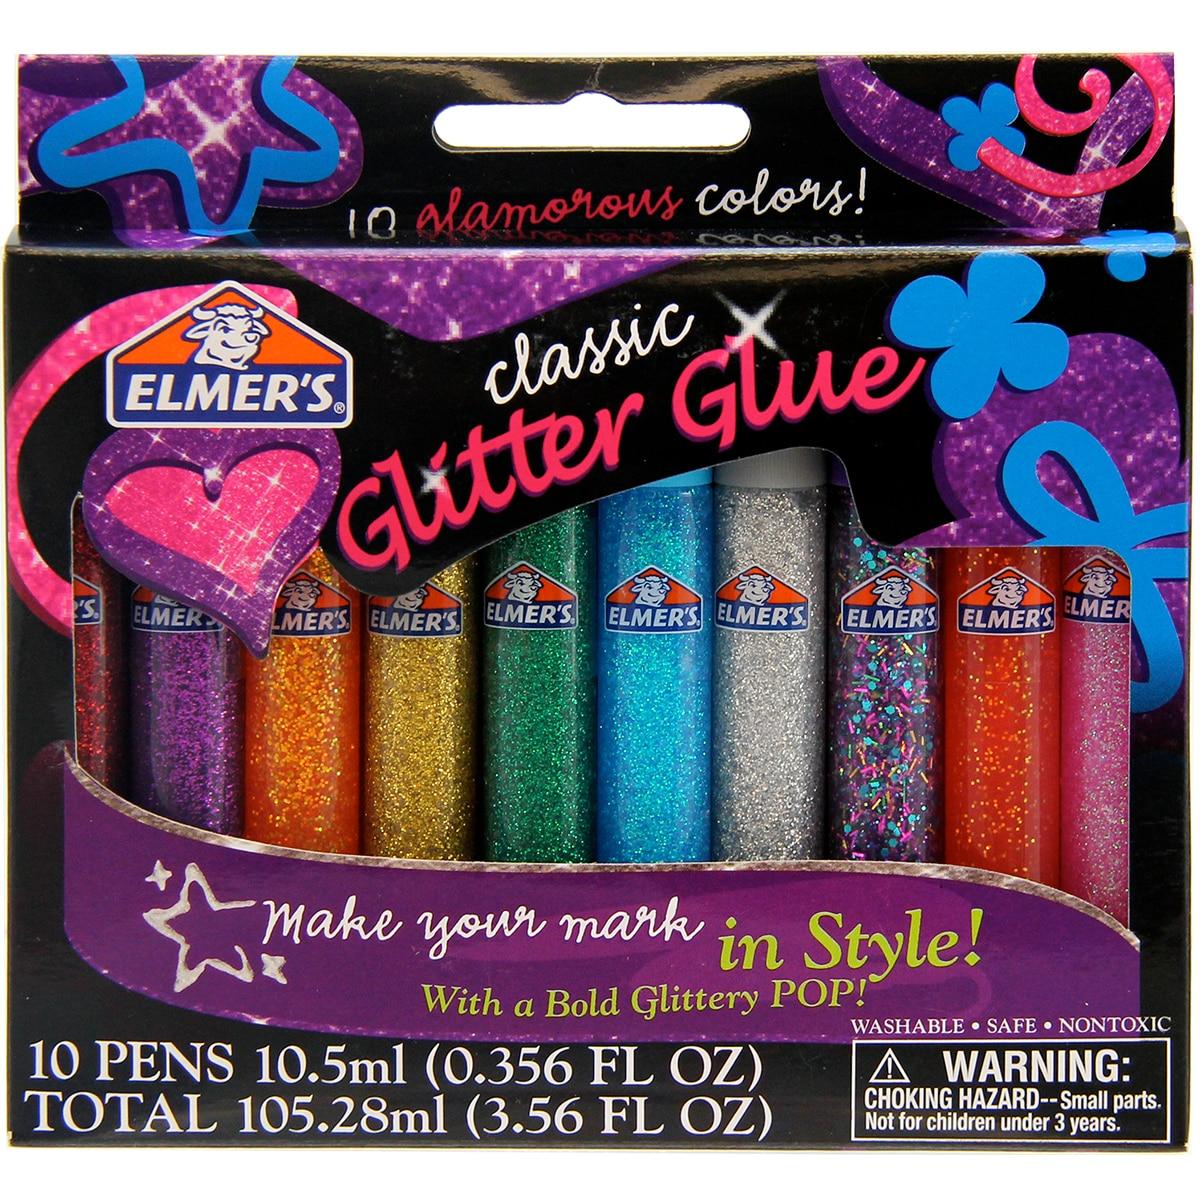 OfficiëLe Website Elmer's 3d Wasbare Glitter Lijm Pennen 10/pkg Klassieke Regenboog Geweldig Voor Maken Slime Pen Verlichten Van Reuma En Verkoudheid